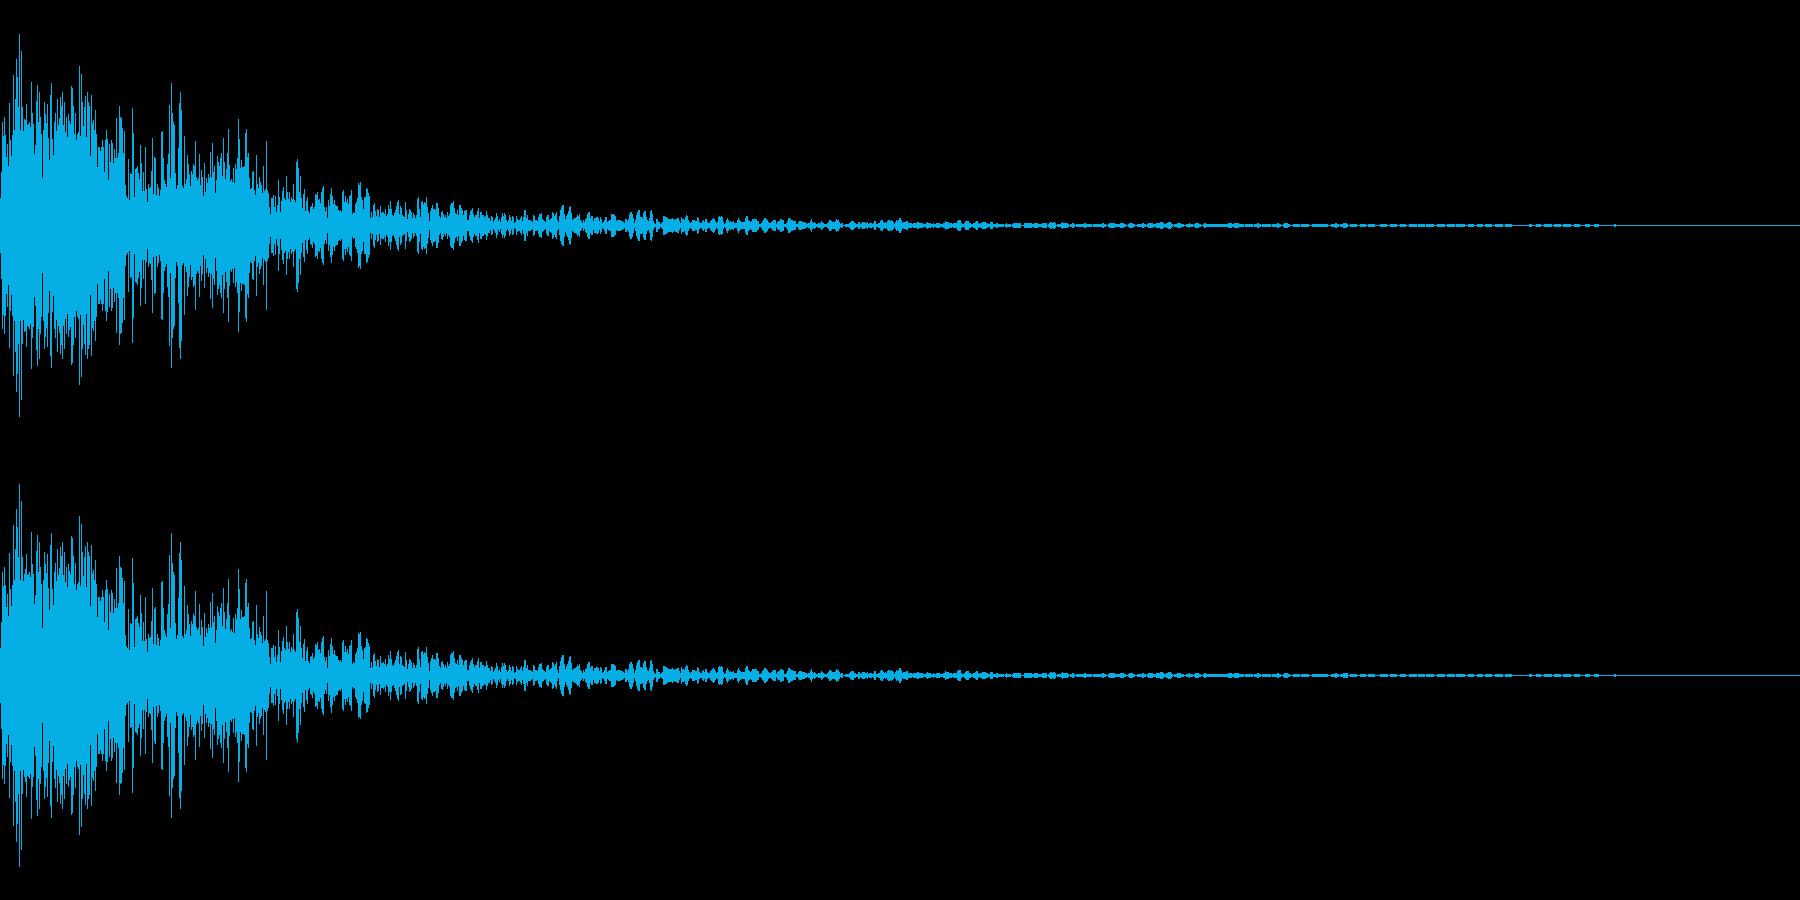 「規模が大きめの爆発音1」と微妙にニュ…の再生済みの波形